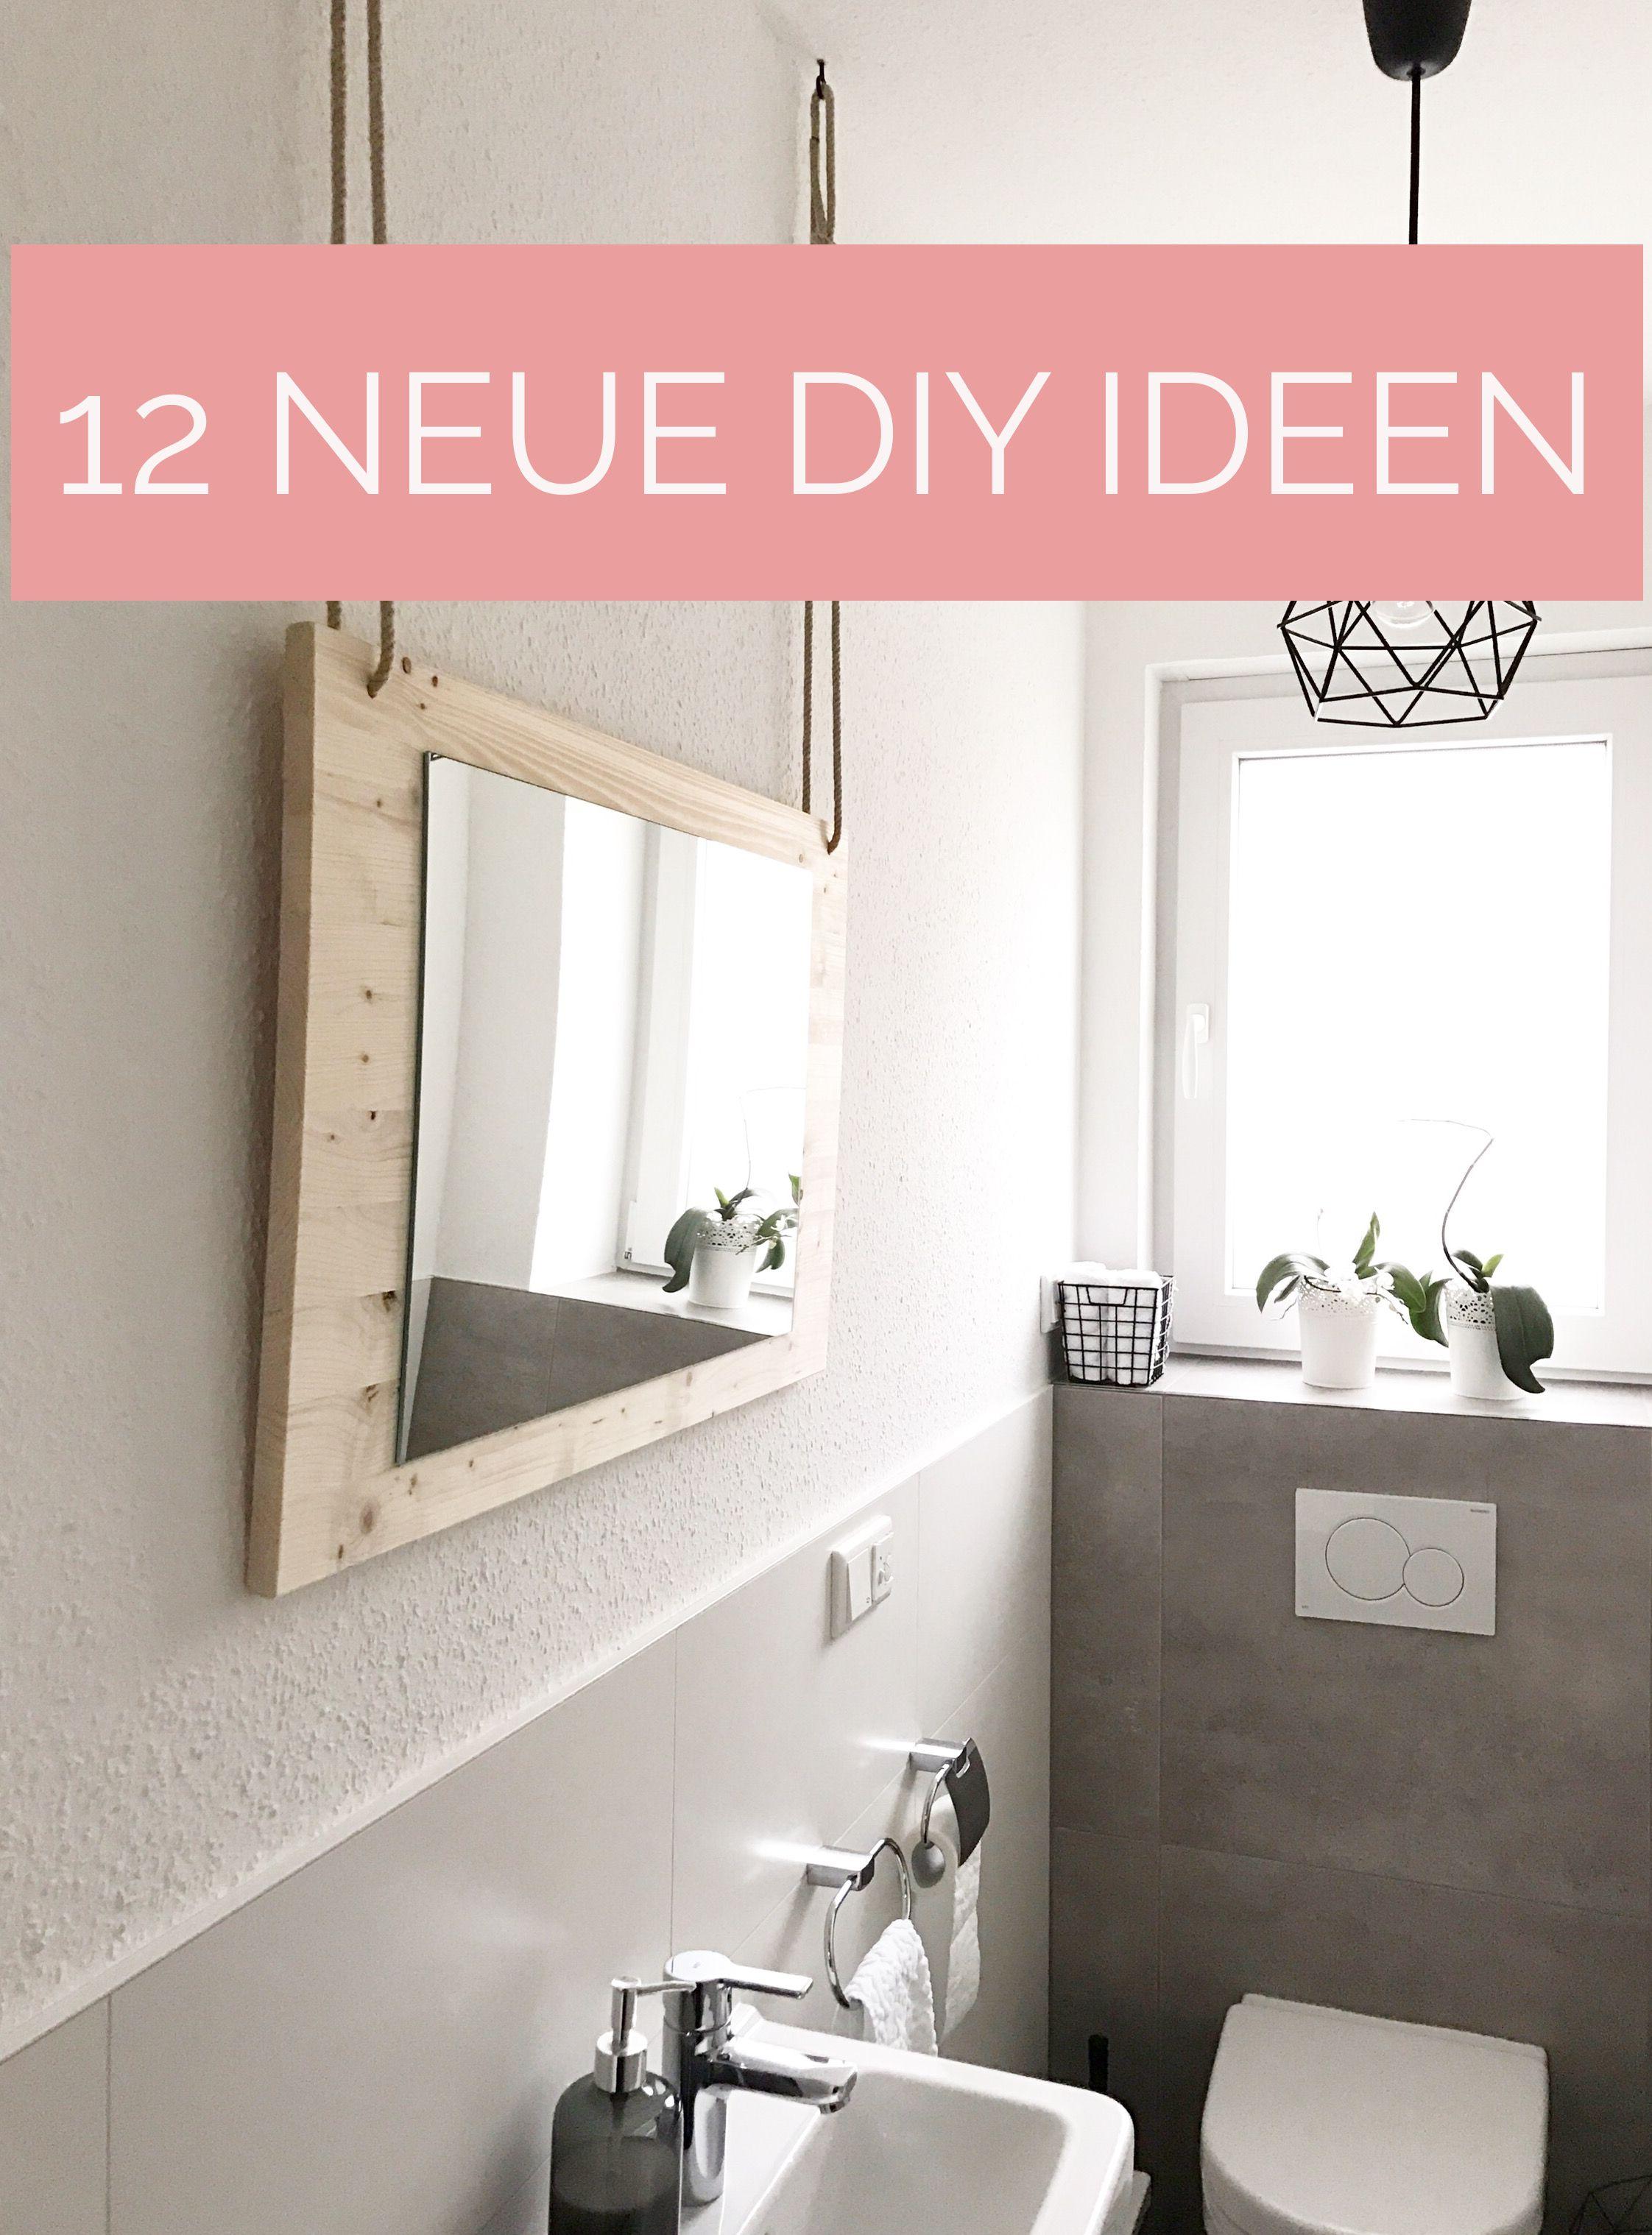 Diynstag 13 Neue Diy Ideen Bad Fliesen Badezimmer Dekor Diy Badezimmer Design